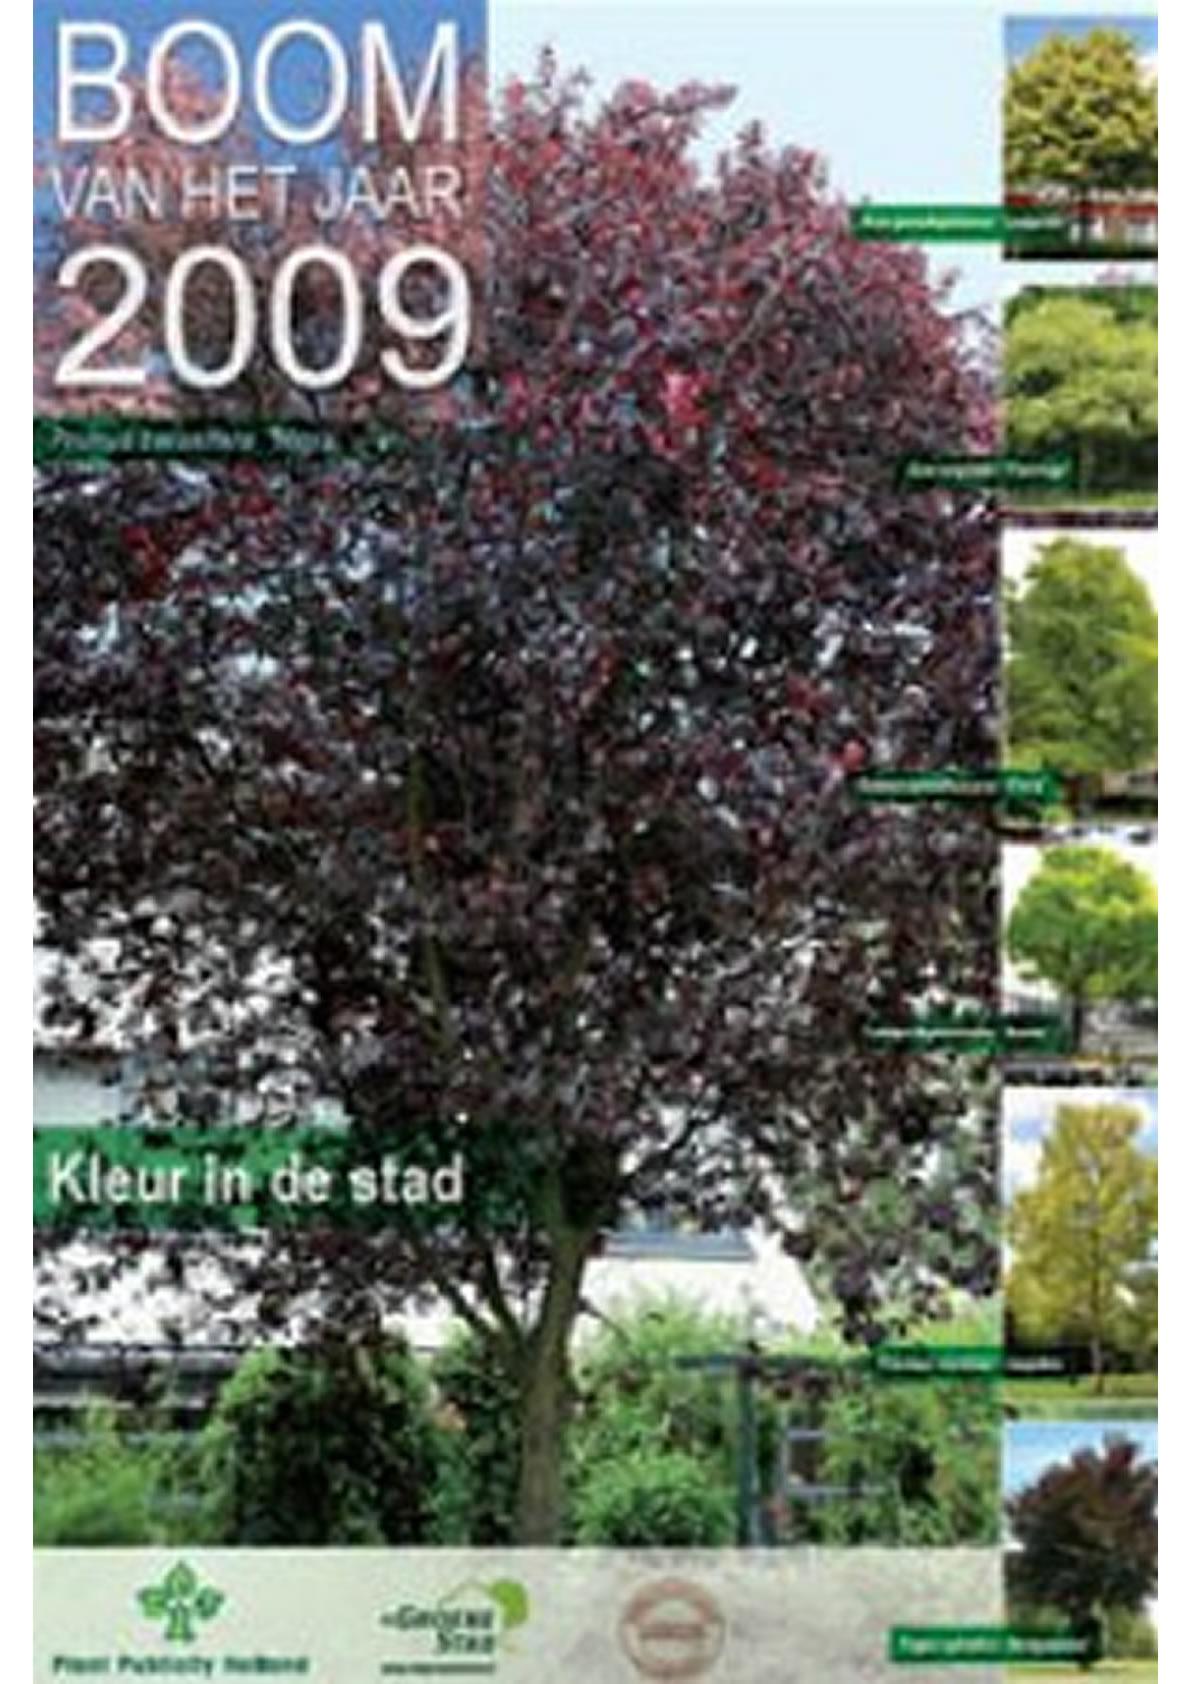 Boom van het jaar 2009